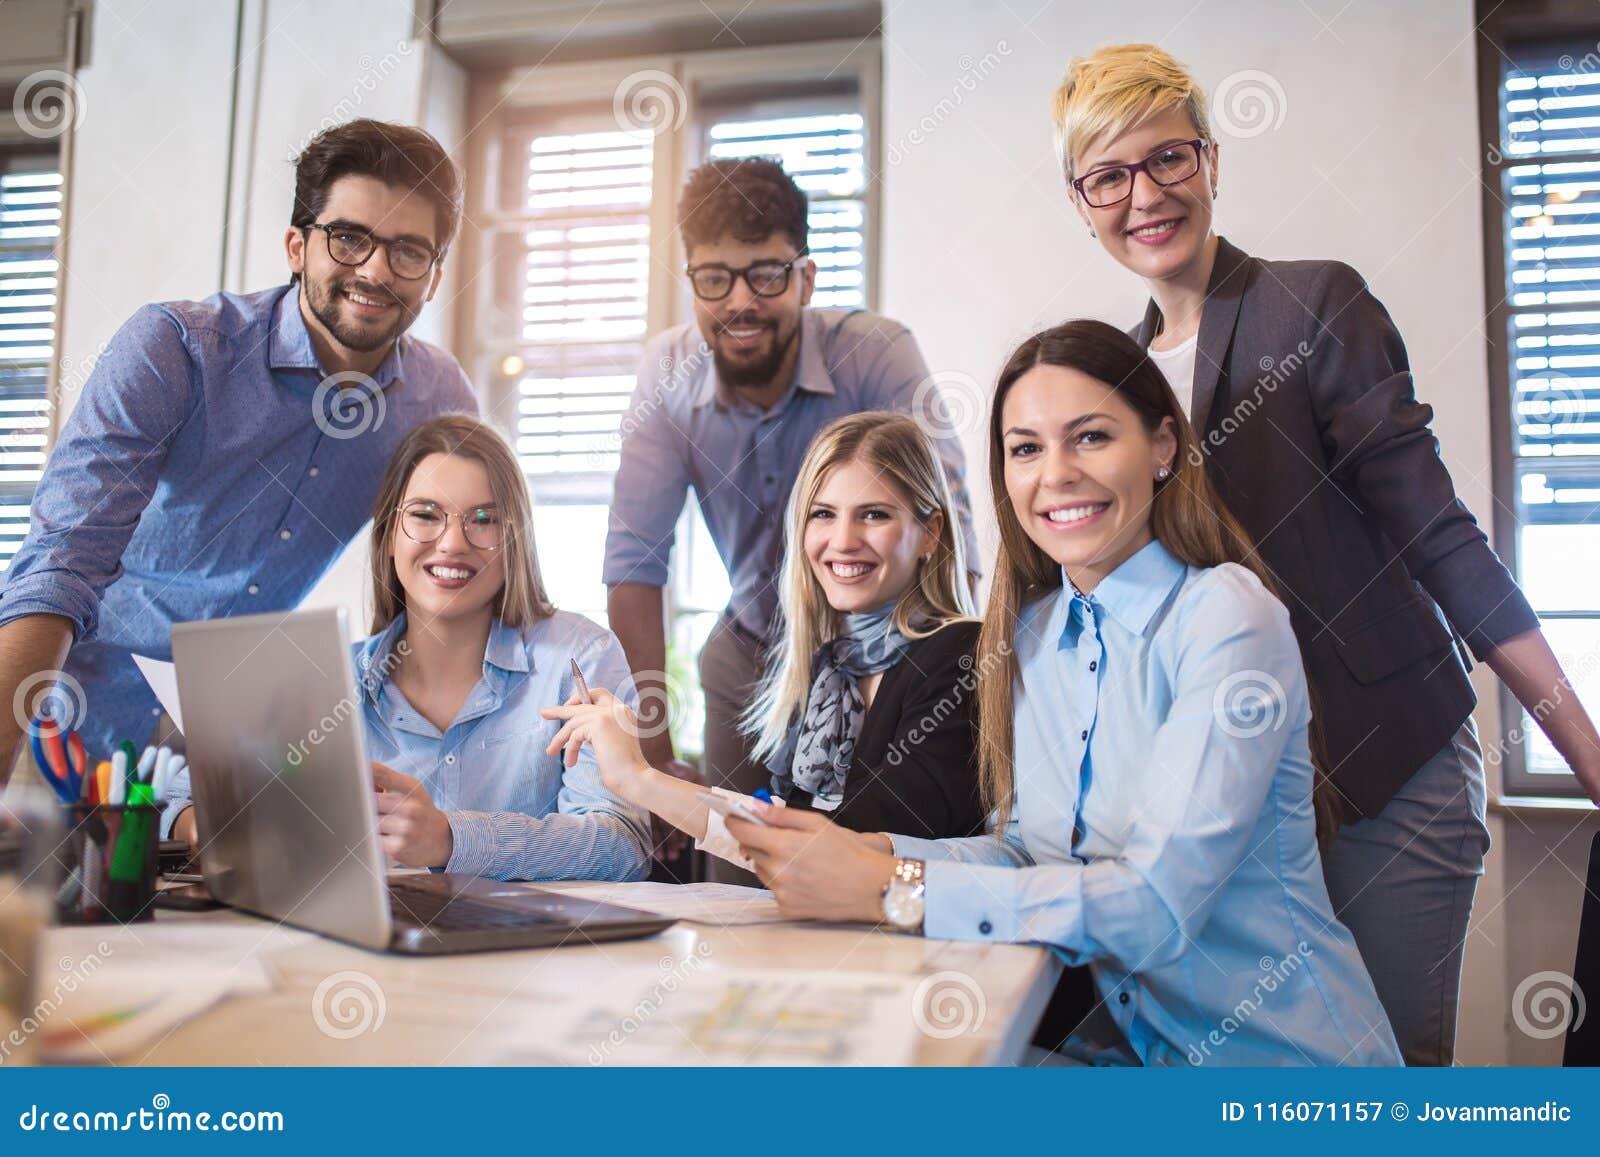 Grupp av ungt affärsfolk i smarta tillfälliga kläder som tillsammans arbetar